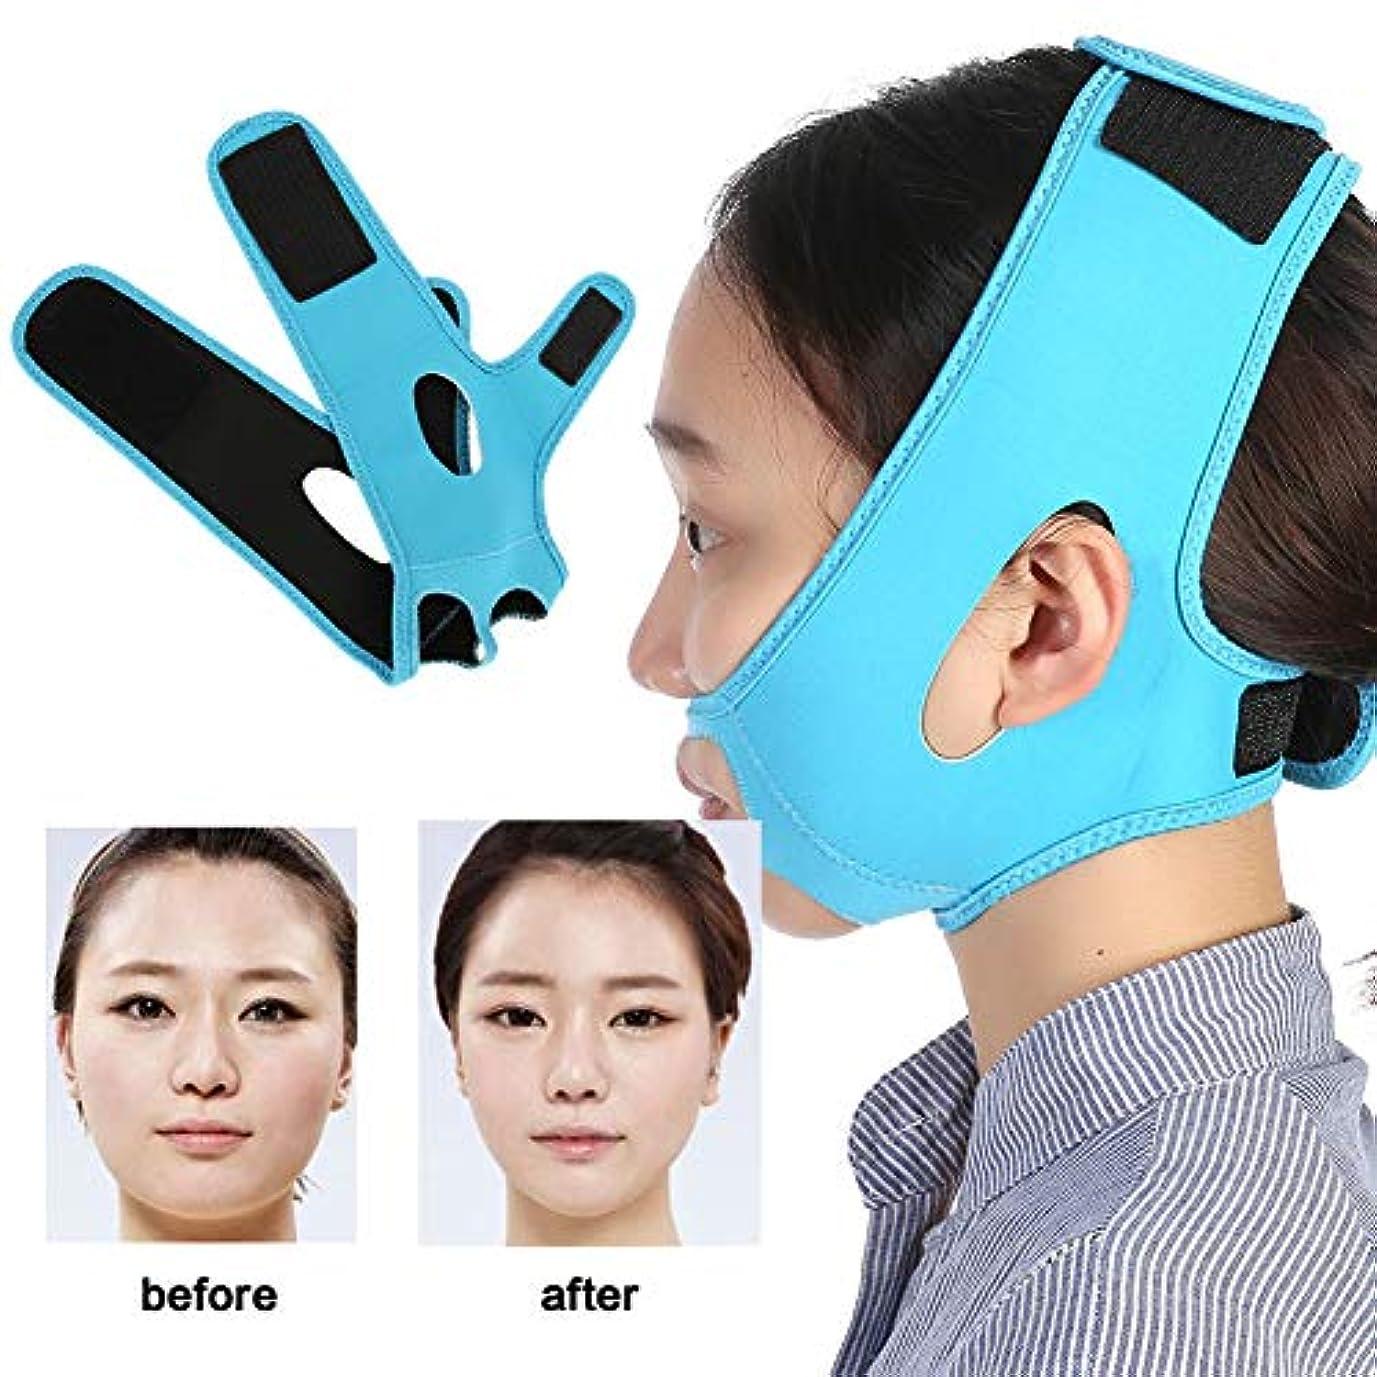 抱擁同行不安定な顔の輪郭を改善するためのフェイスマスクのスリム化 Vフェイス美容包帯 通気性/伸縮性/非変形性